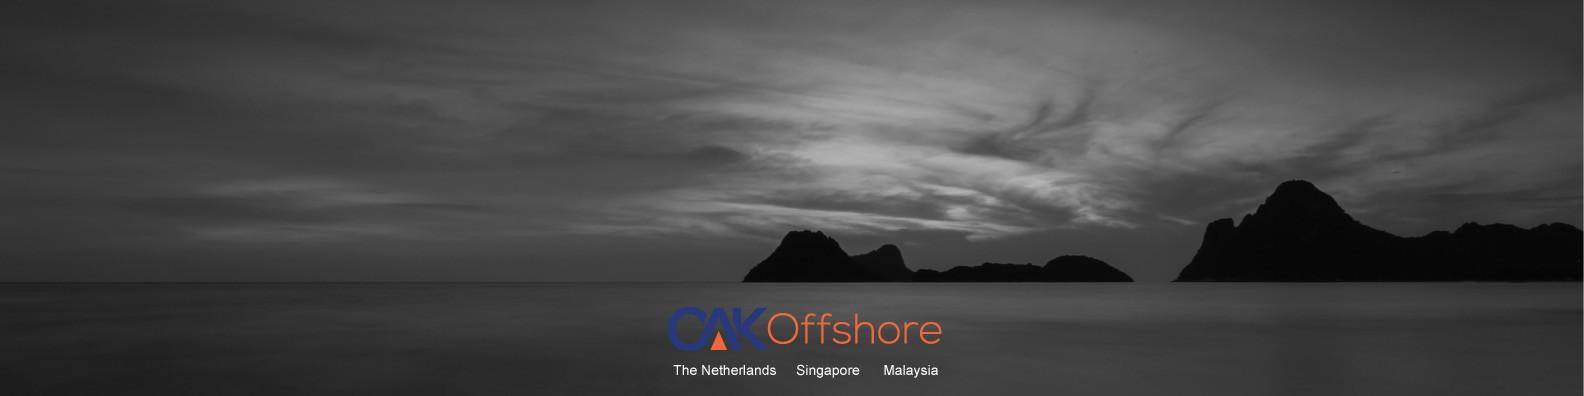 OAK Offshore | LinkedIn